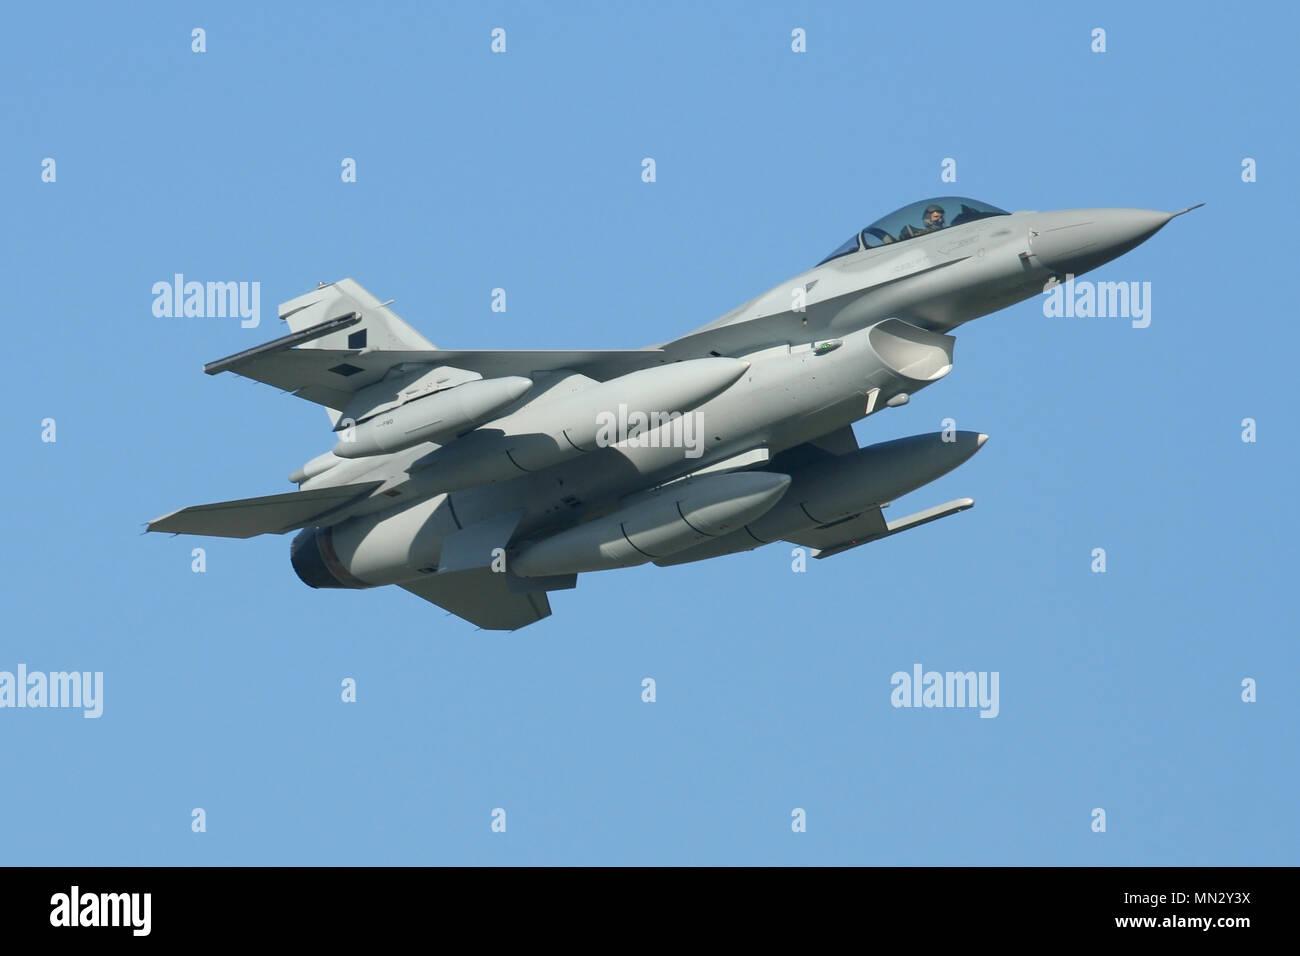 Nouveau Lockheed Martin F-16C'est à la livraison à l'Armée de l'Air polonaise au départ de RAF Mildenhall pendant leur vol de livraison. Banque D'Images